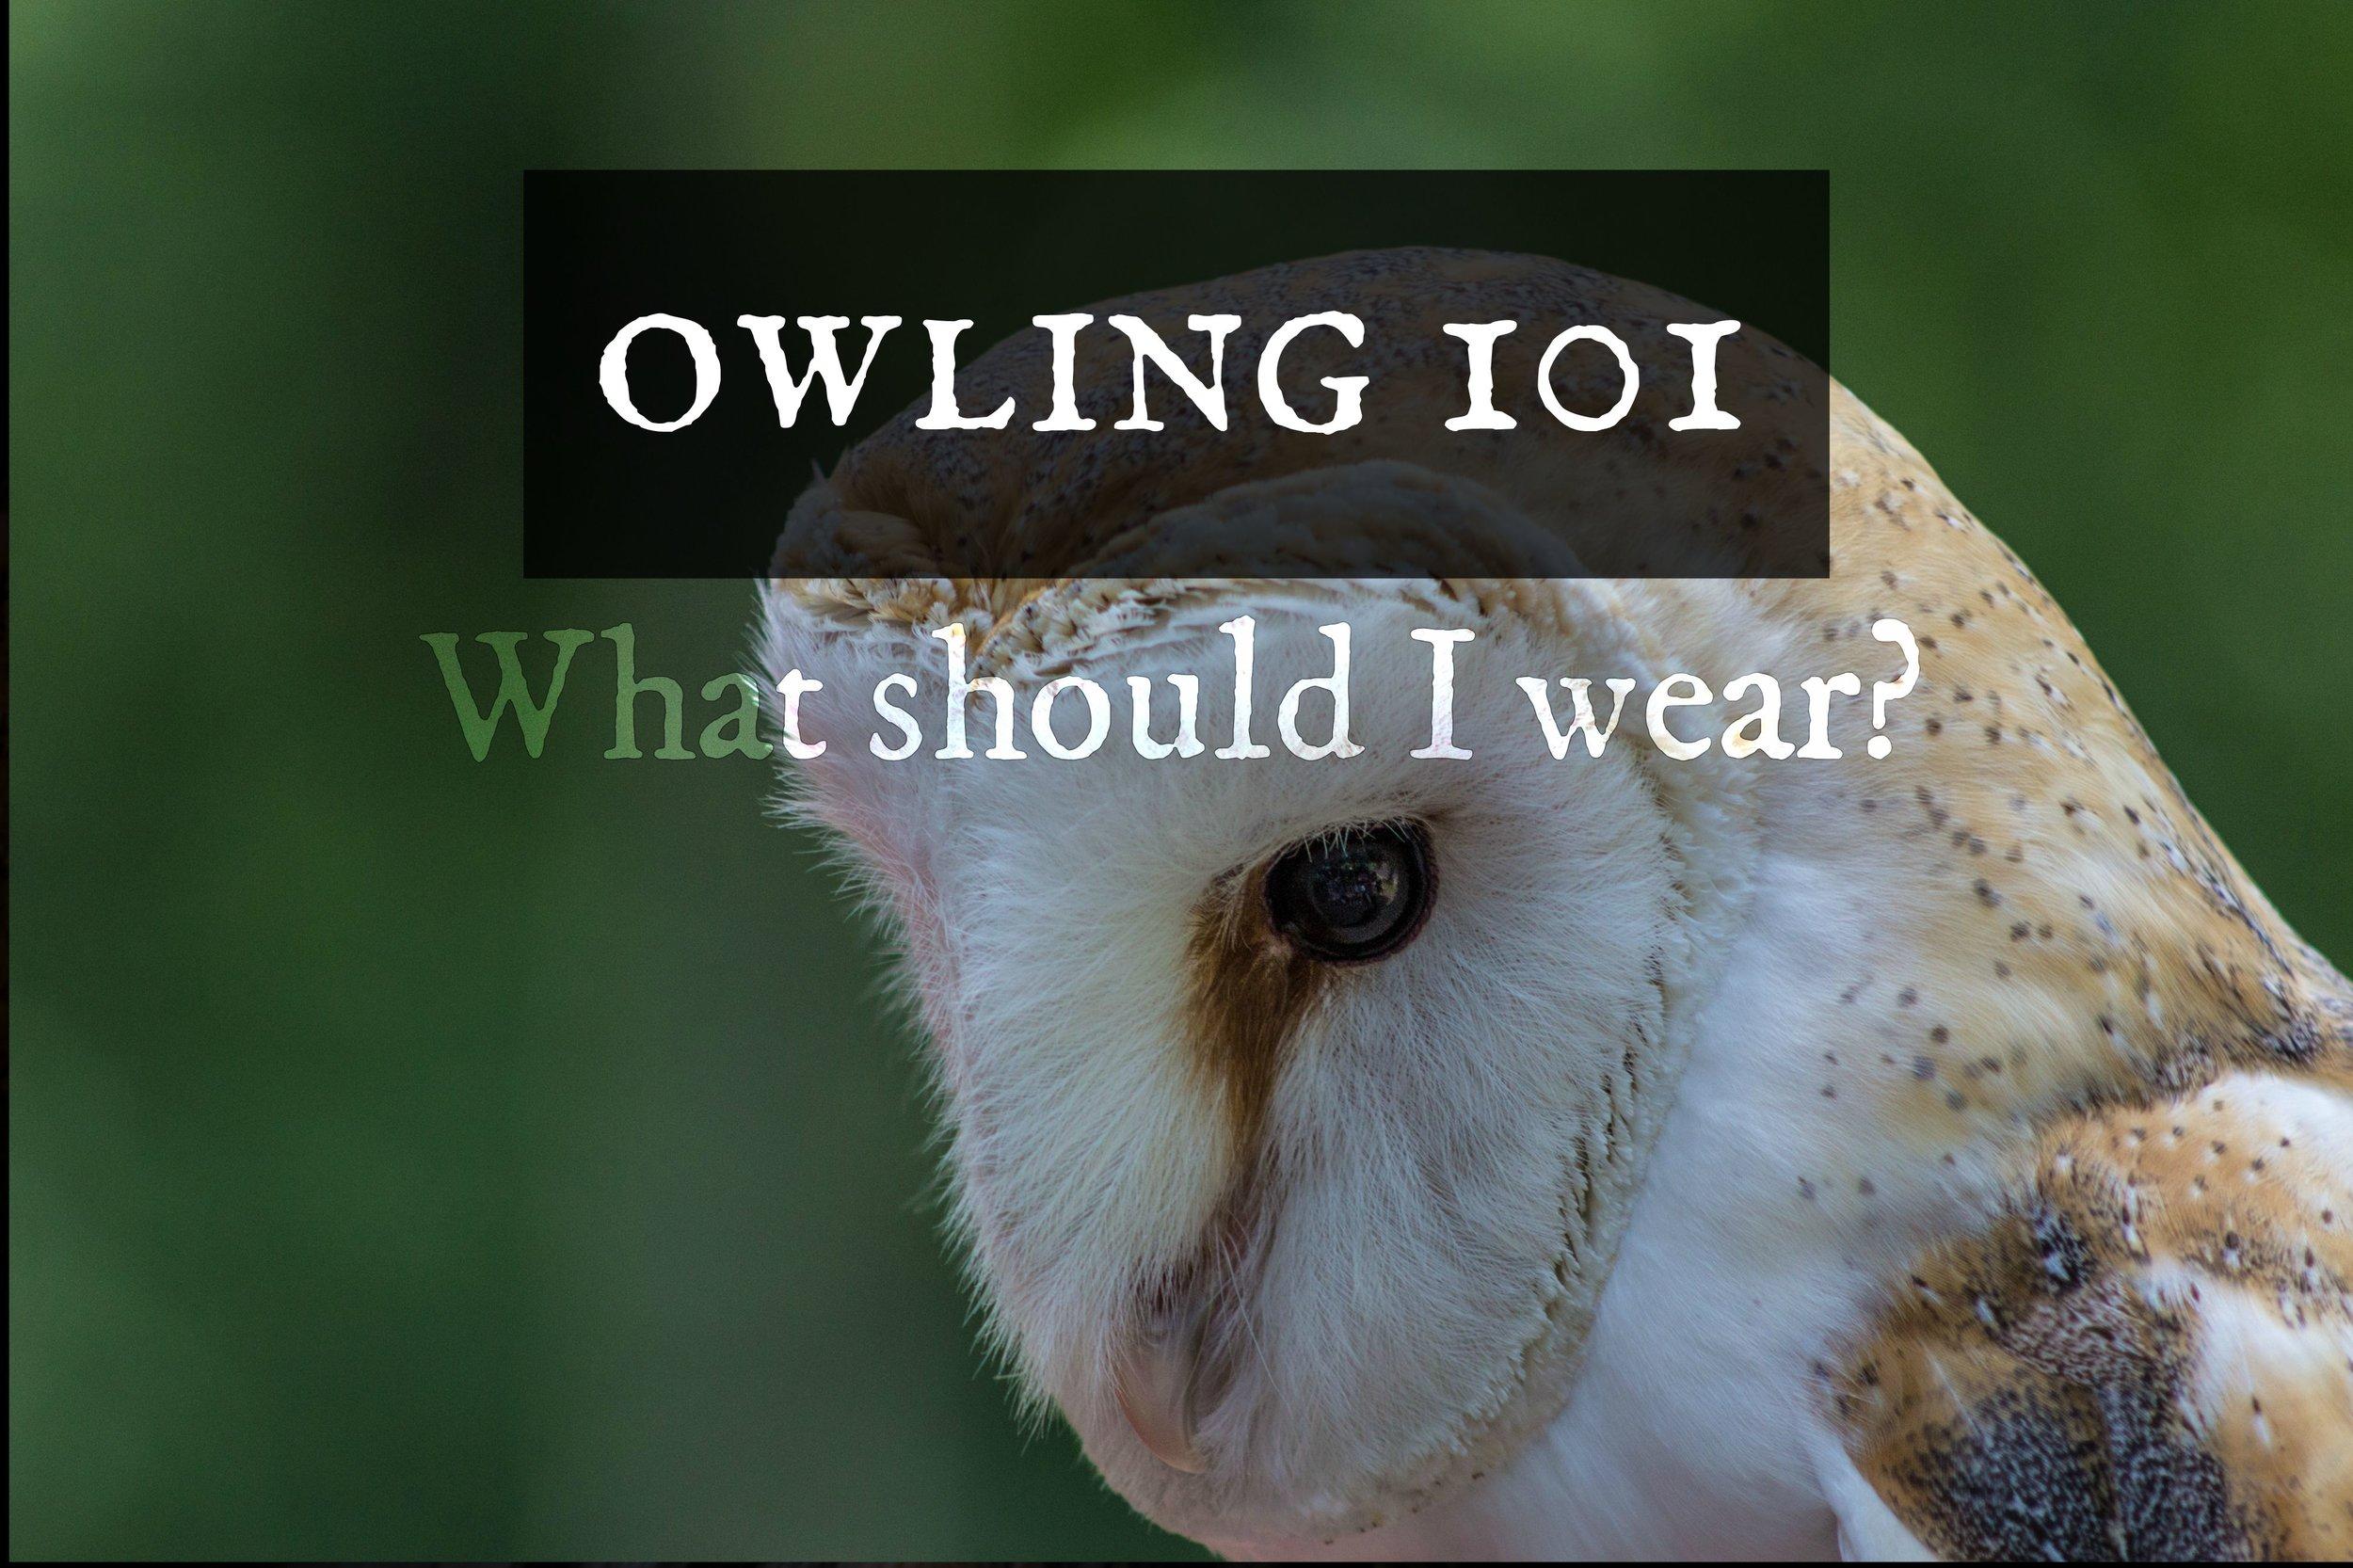 owling101-whattowear.jpg